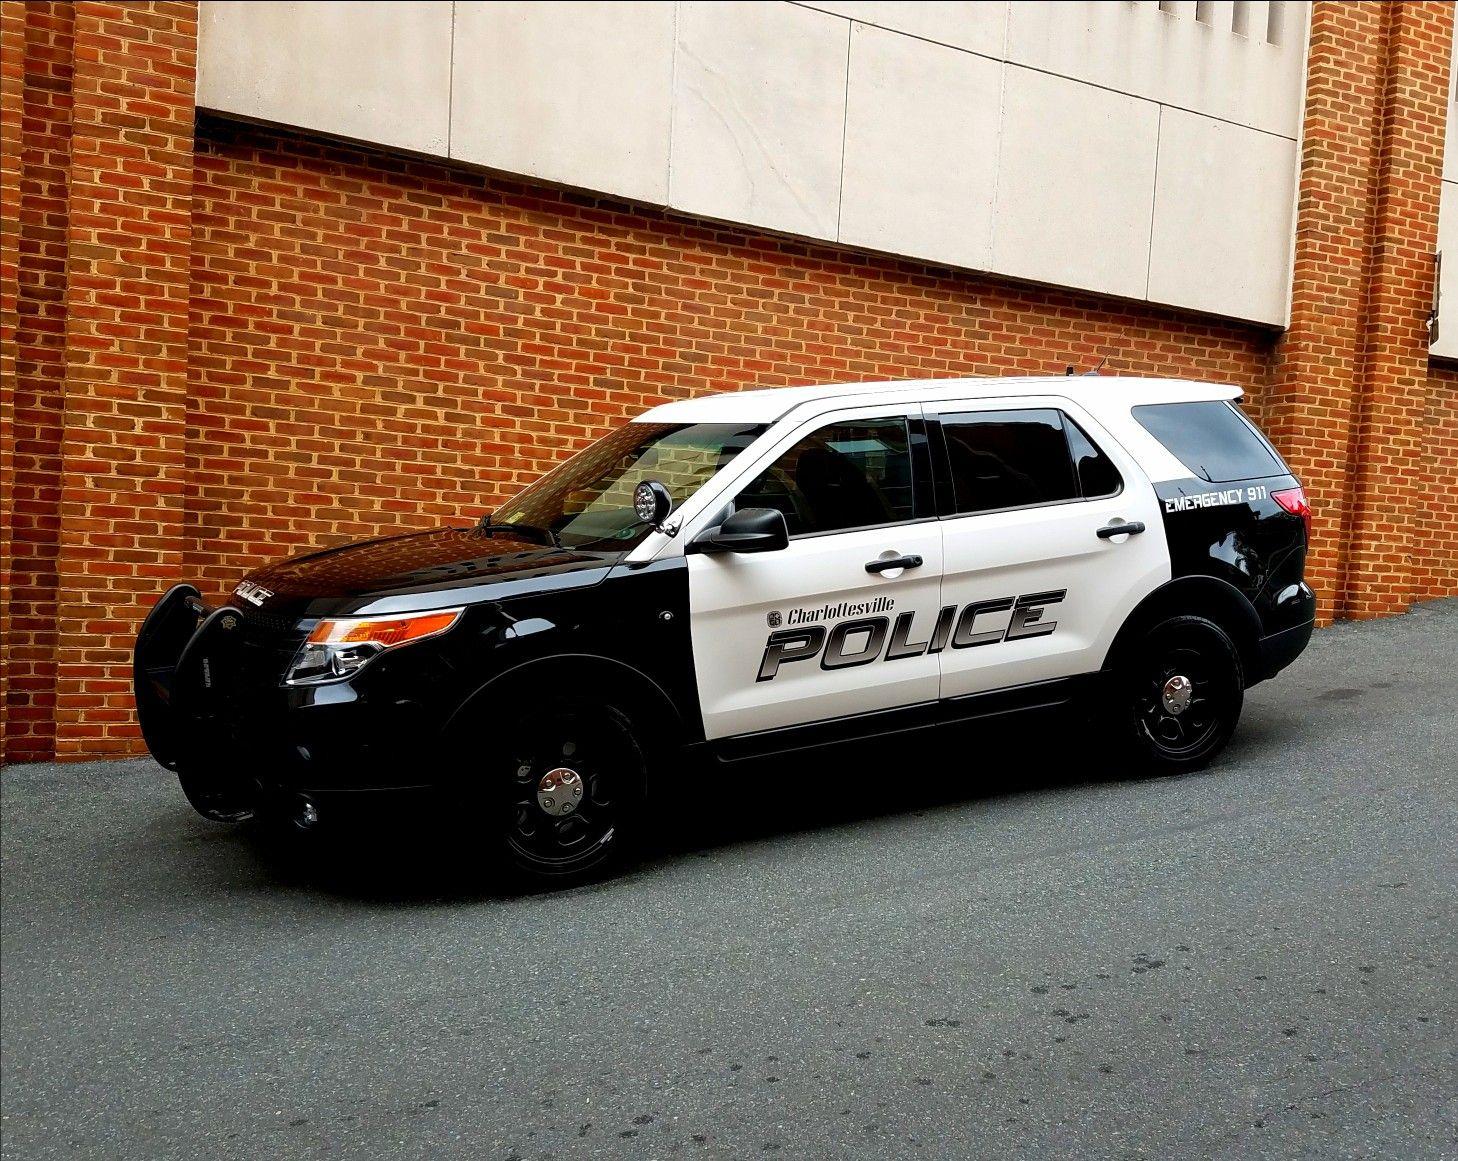 Charlottesville Va Police Smiller70 Police Cars Car Cop Police